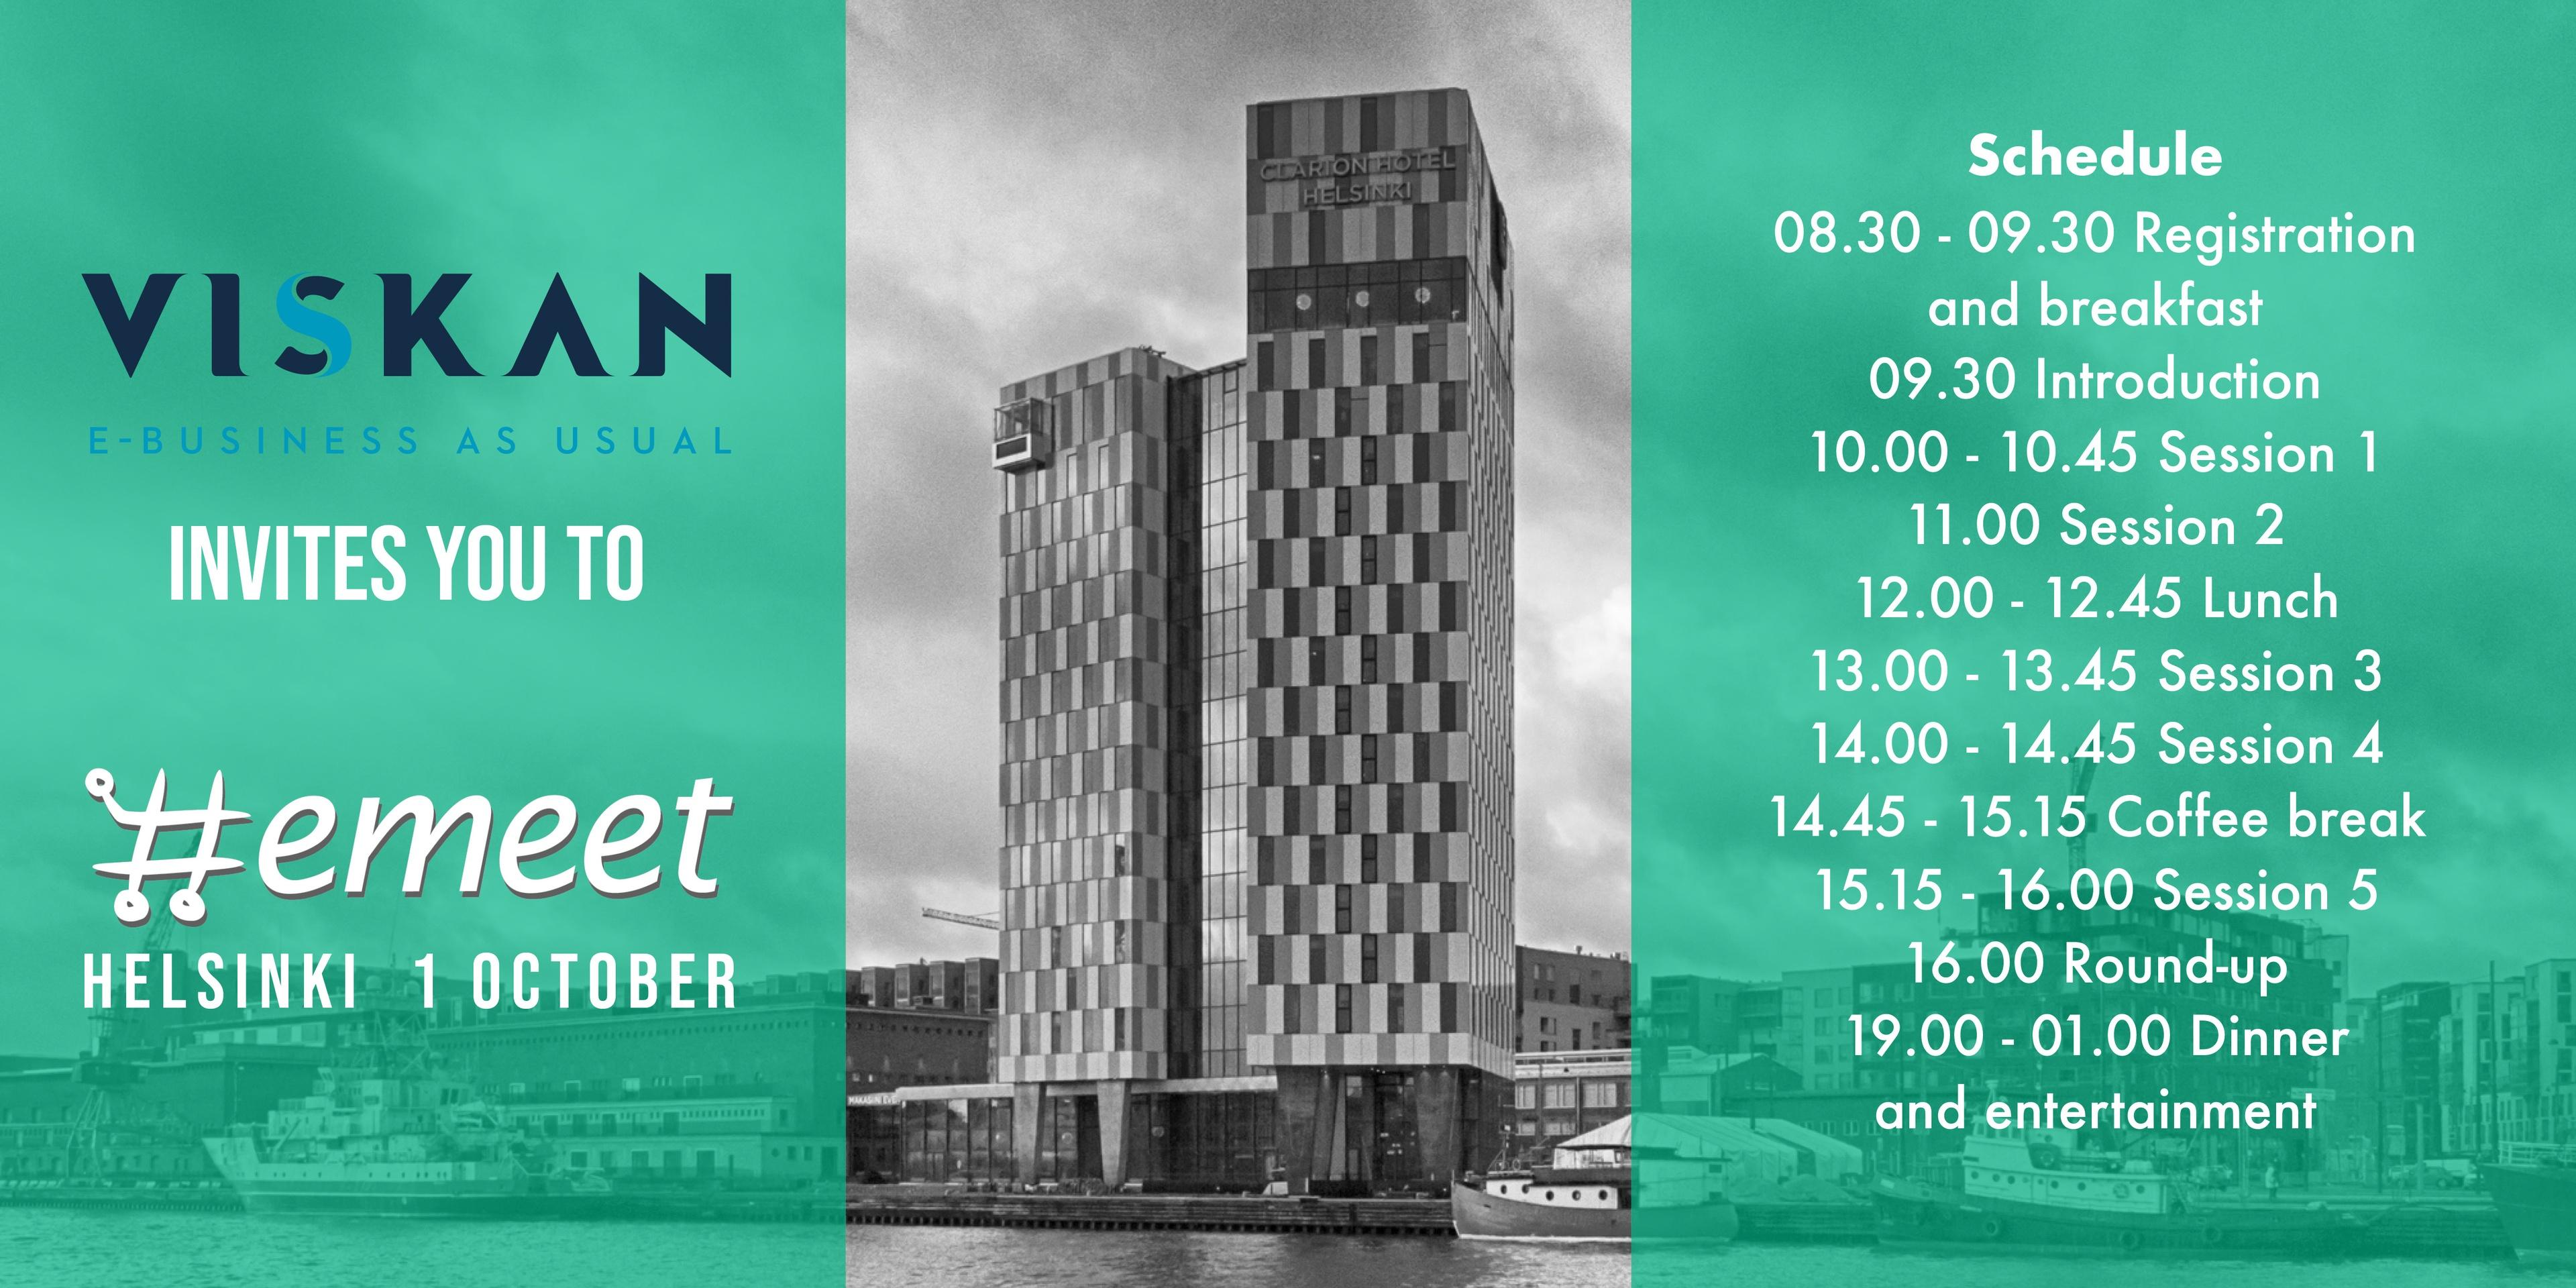 Viskan @ Emeet Helsinki 2019